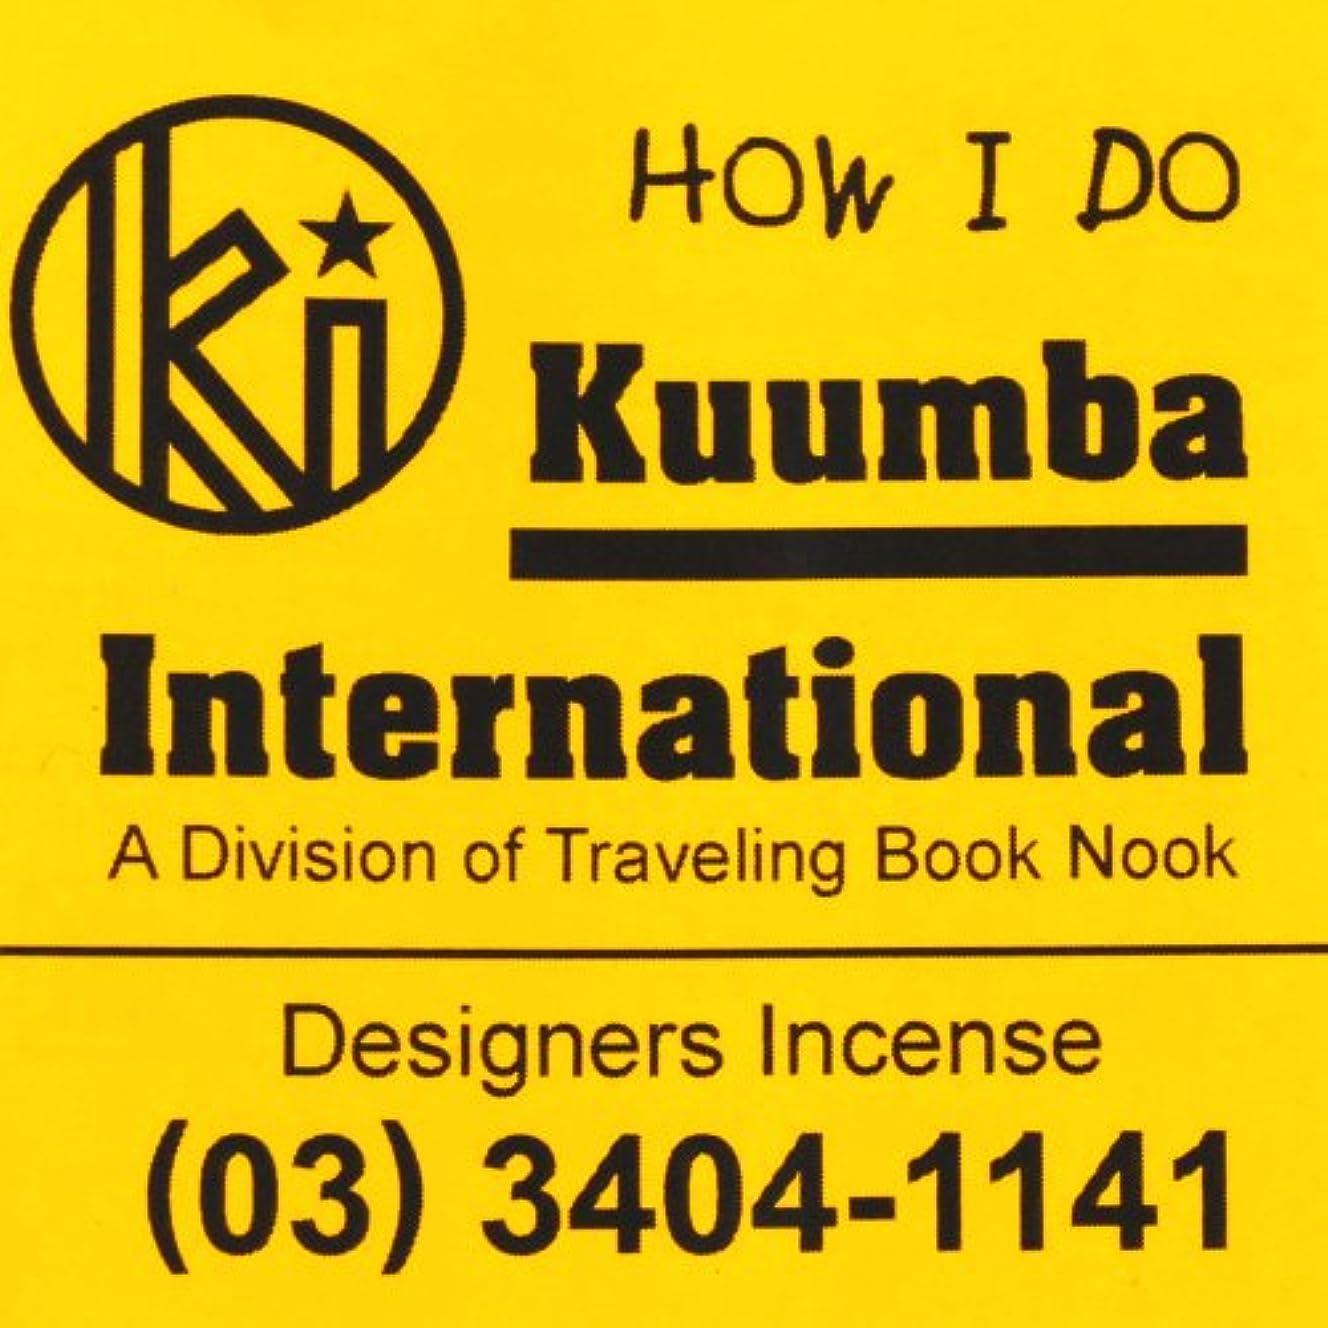 故障ハーネスブッシュ(クンバ) KUUMBA『classic regular incense』(HOW I DO) (Regular size)